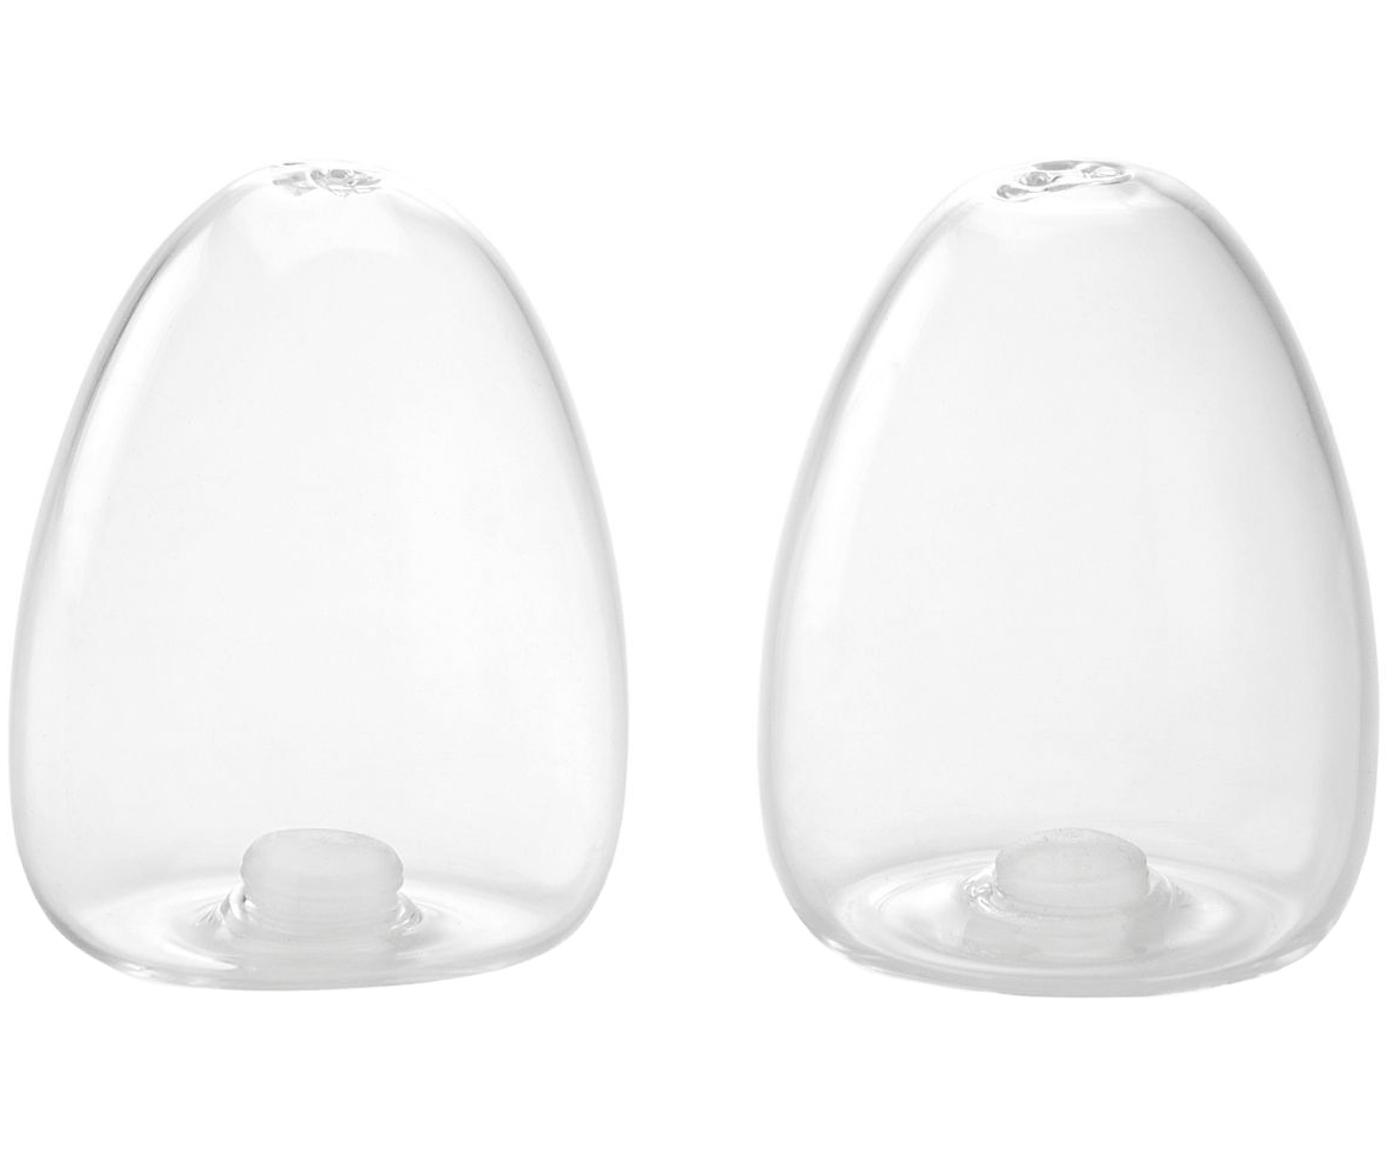 Set salero y pimentero Shally, 2pzas., Recipiente: vidrio, Transparente, Ø 6 x Al 8 cm